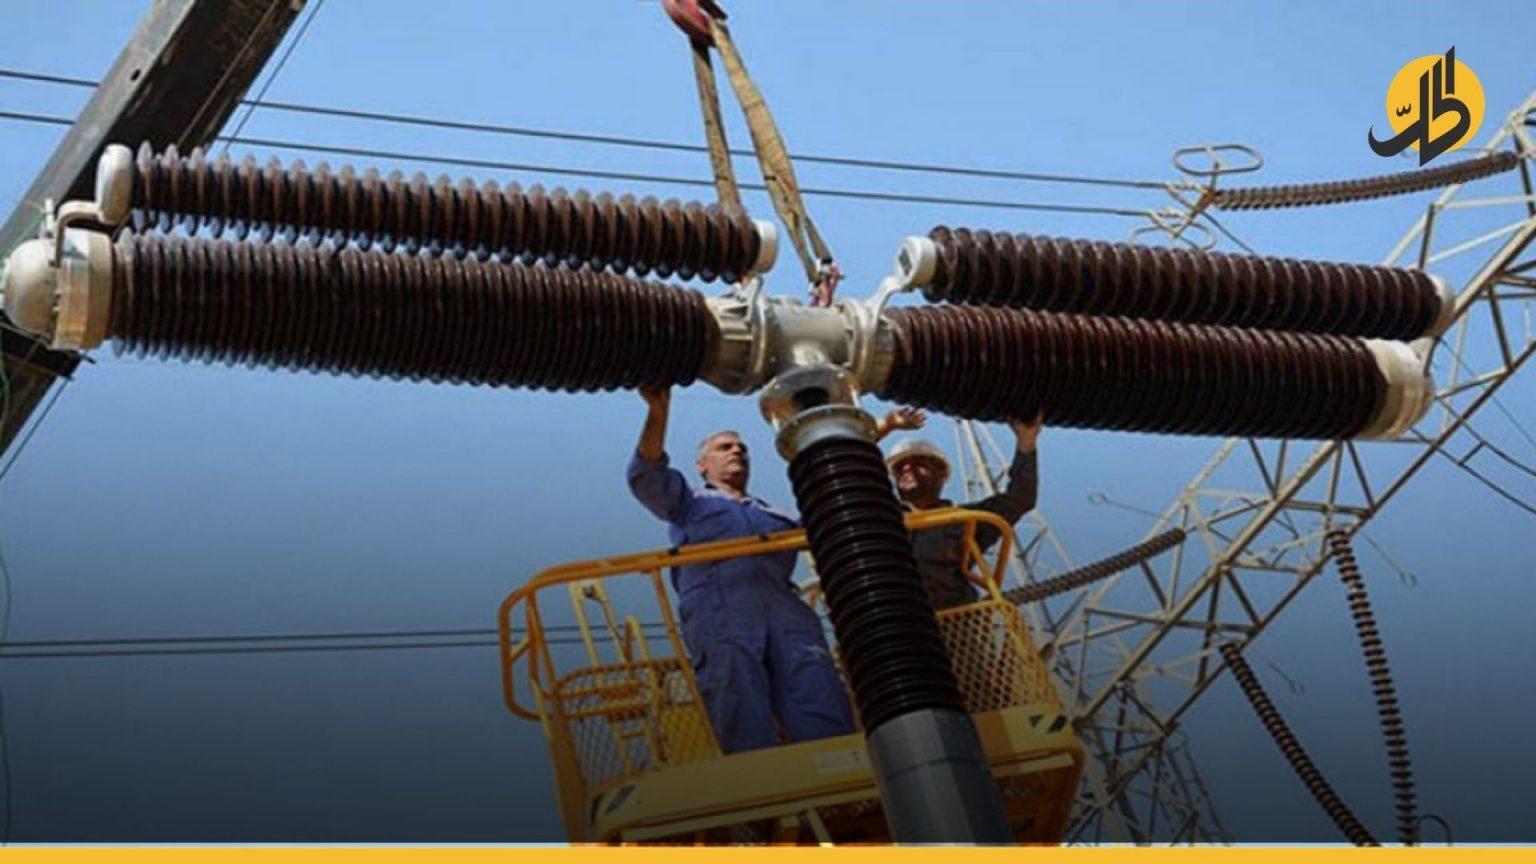 """وزارة الكهرباء العراقية تُحدد موعد بلوغها مرحلة """"الاكتفاء الذاتي"""""""